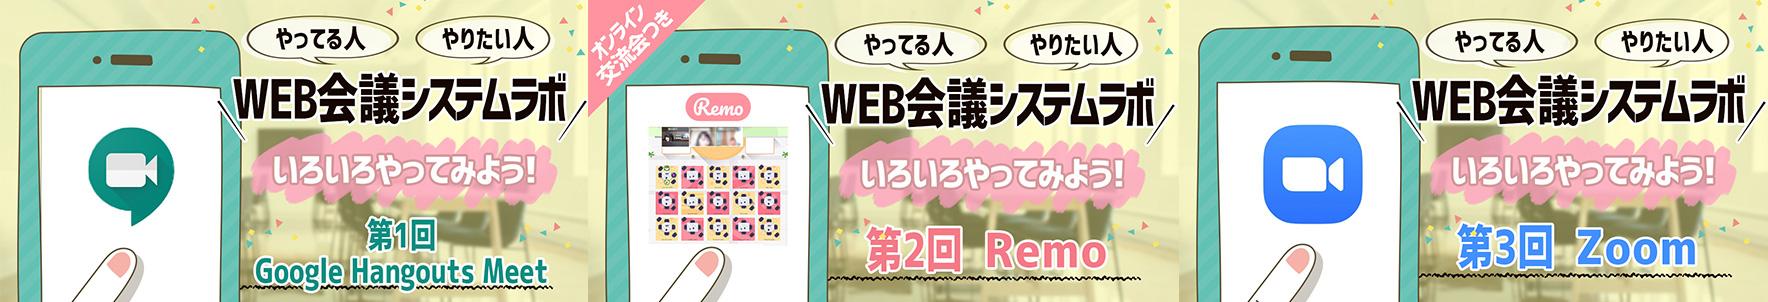 WEB会議システムラボ「オンライン会議ツールを使ってみよう」開催中!